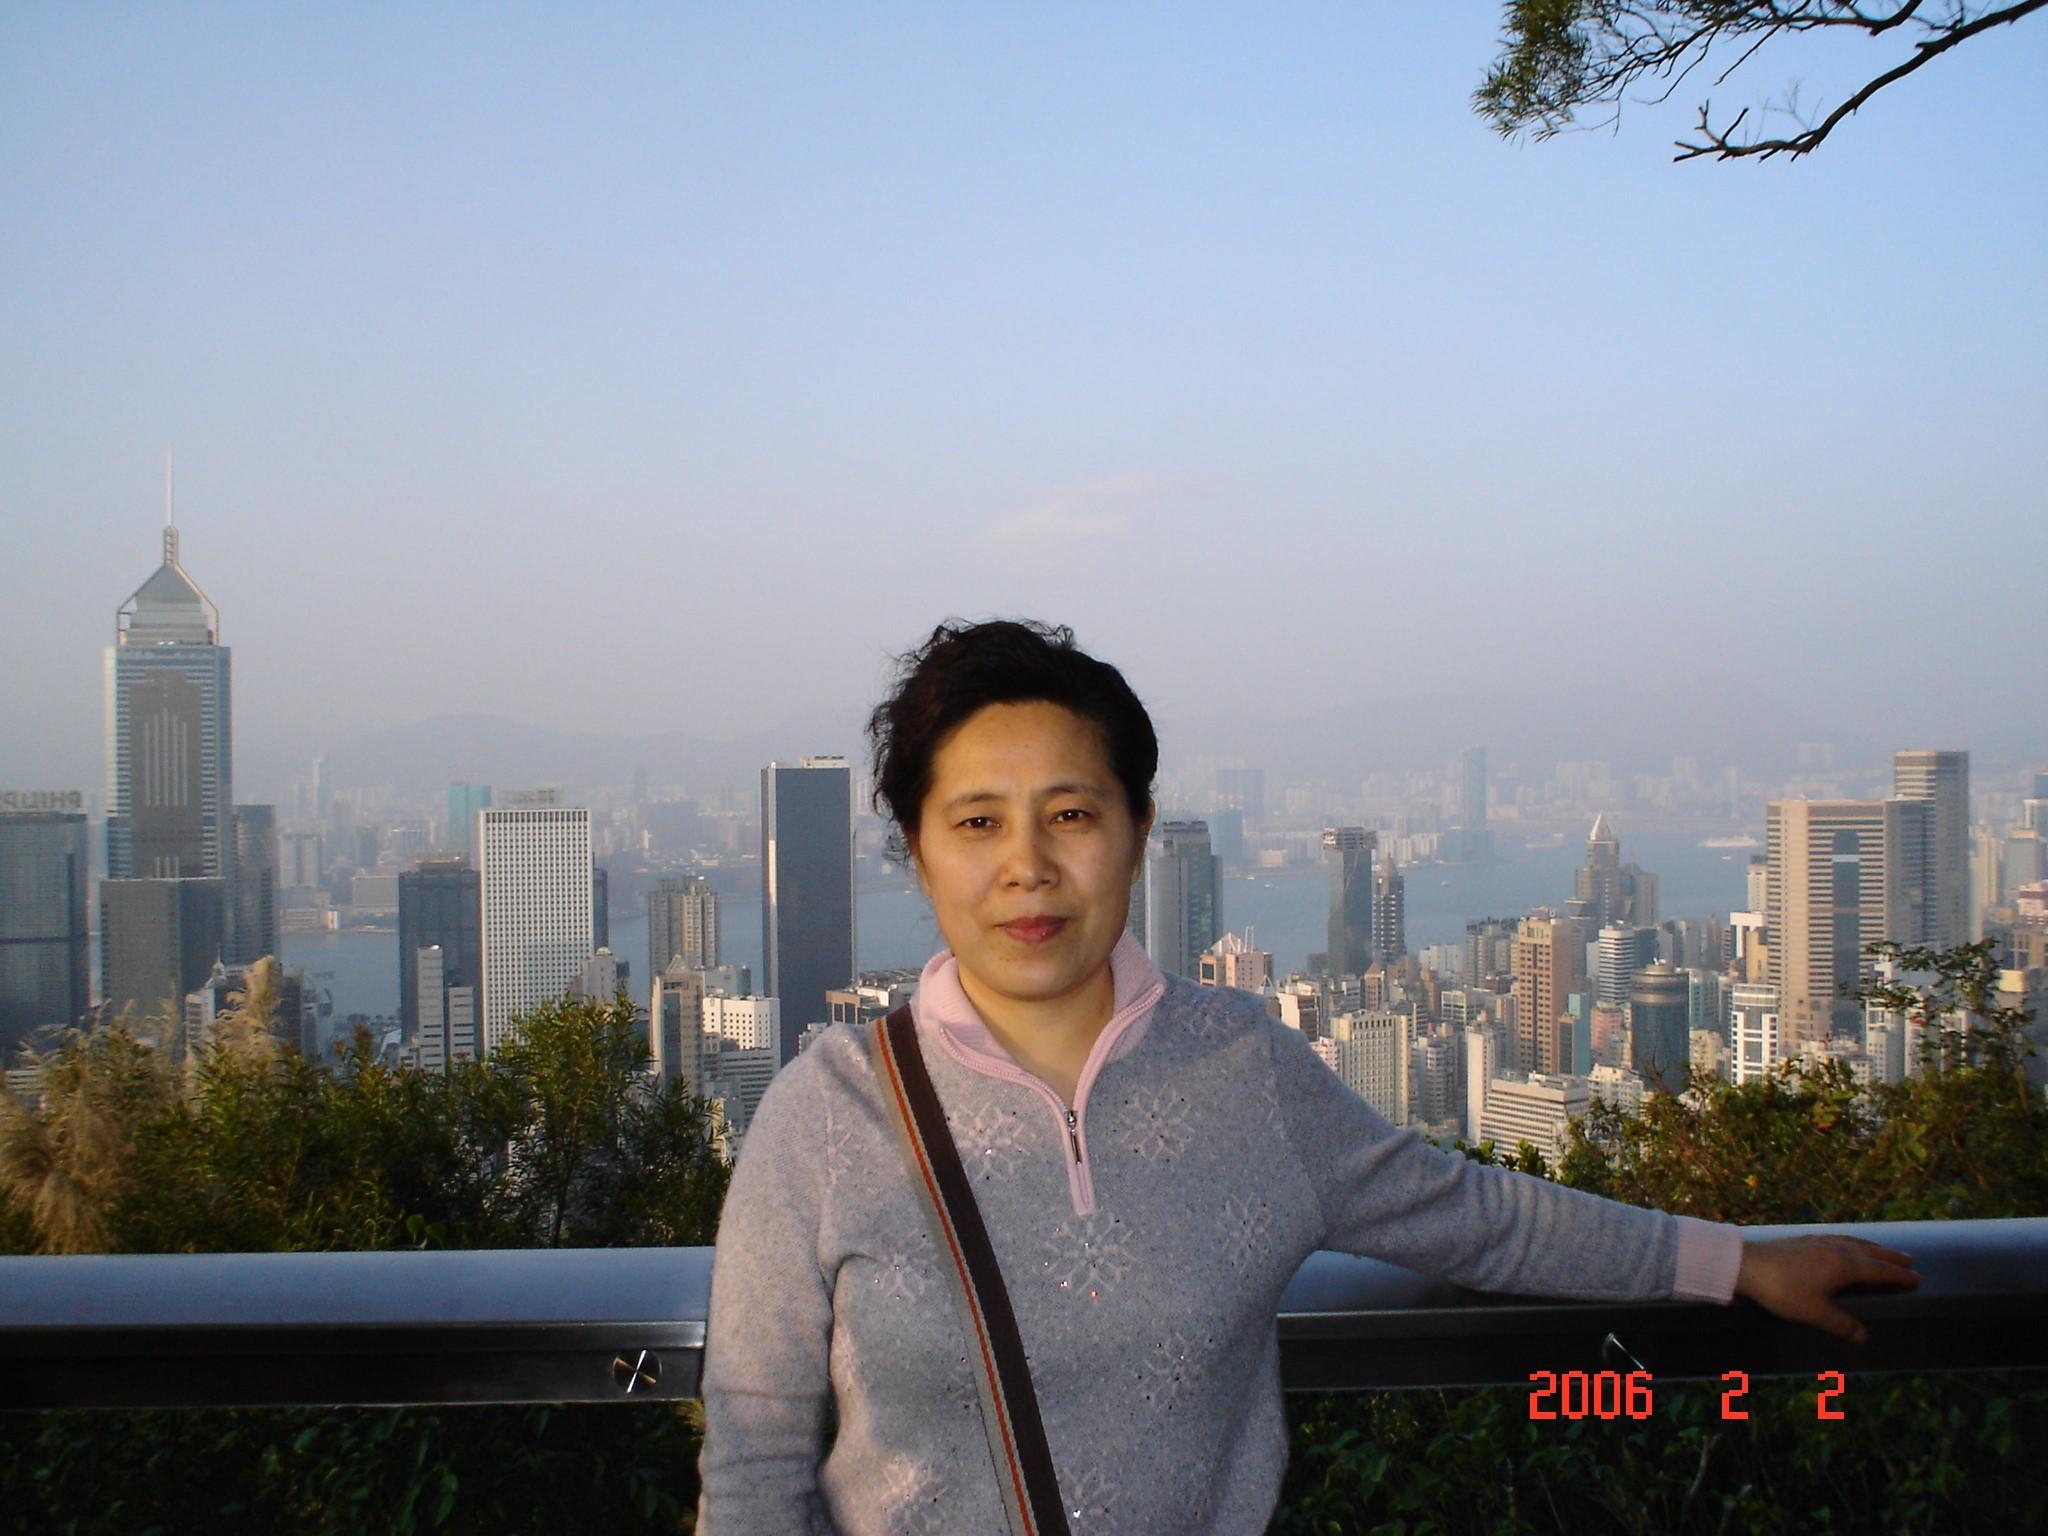 妈妈带我去香港 (2006年2月)